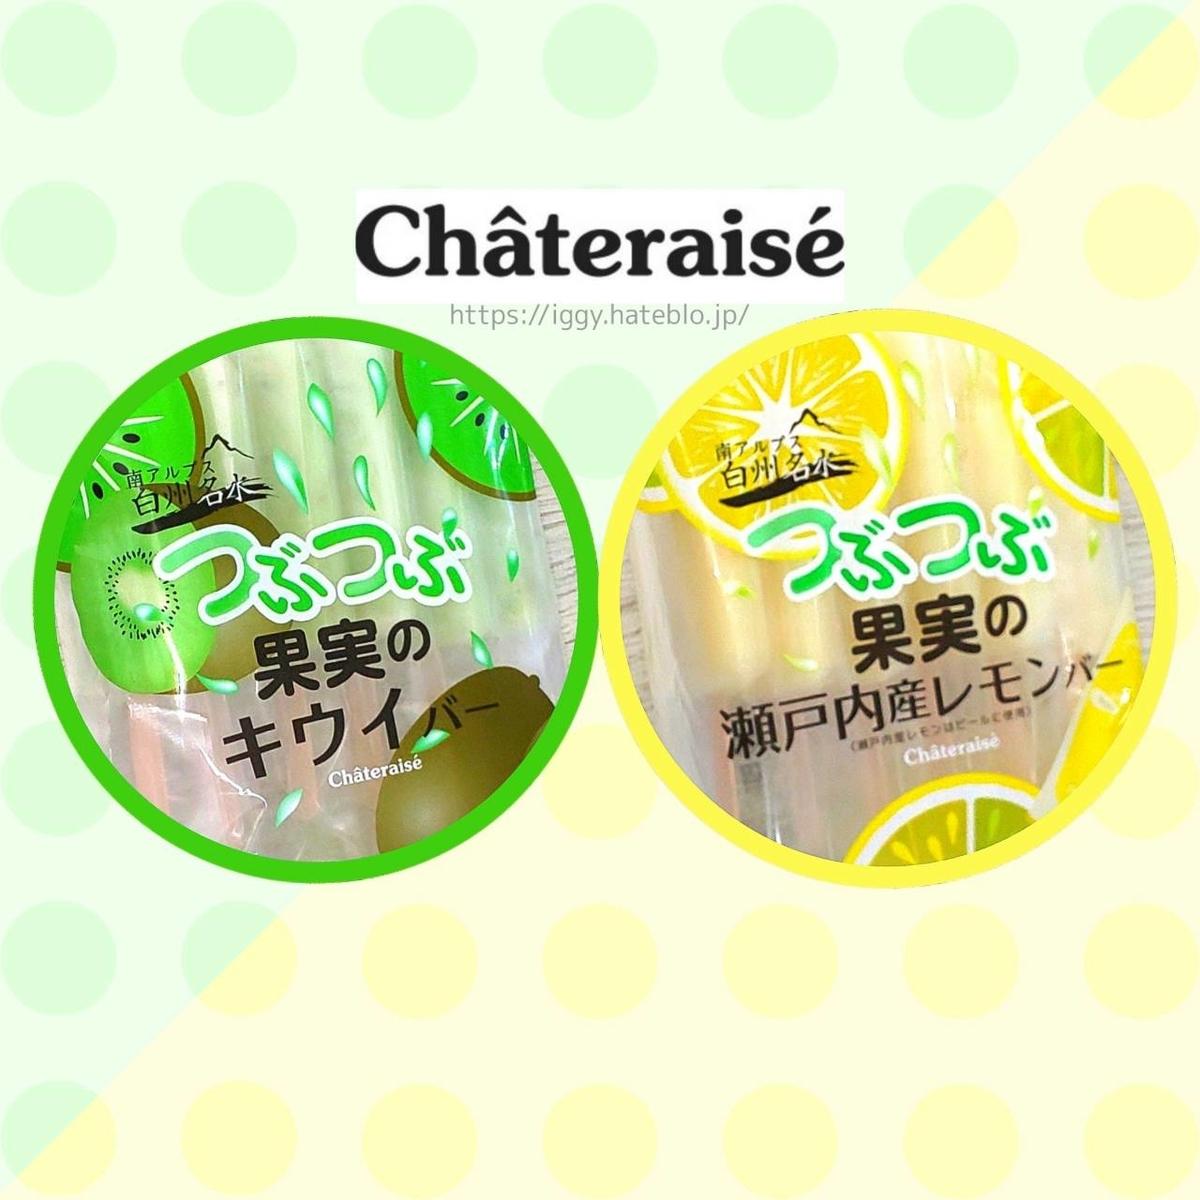 シャトレーゼ アイス つぶつぶ果実シリーズ LIFE